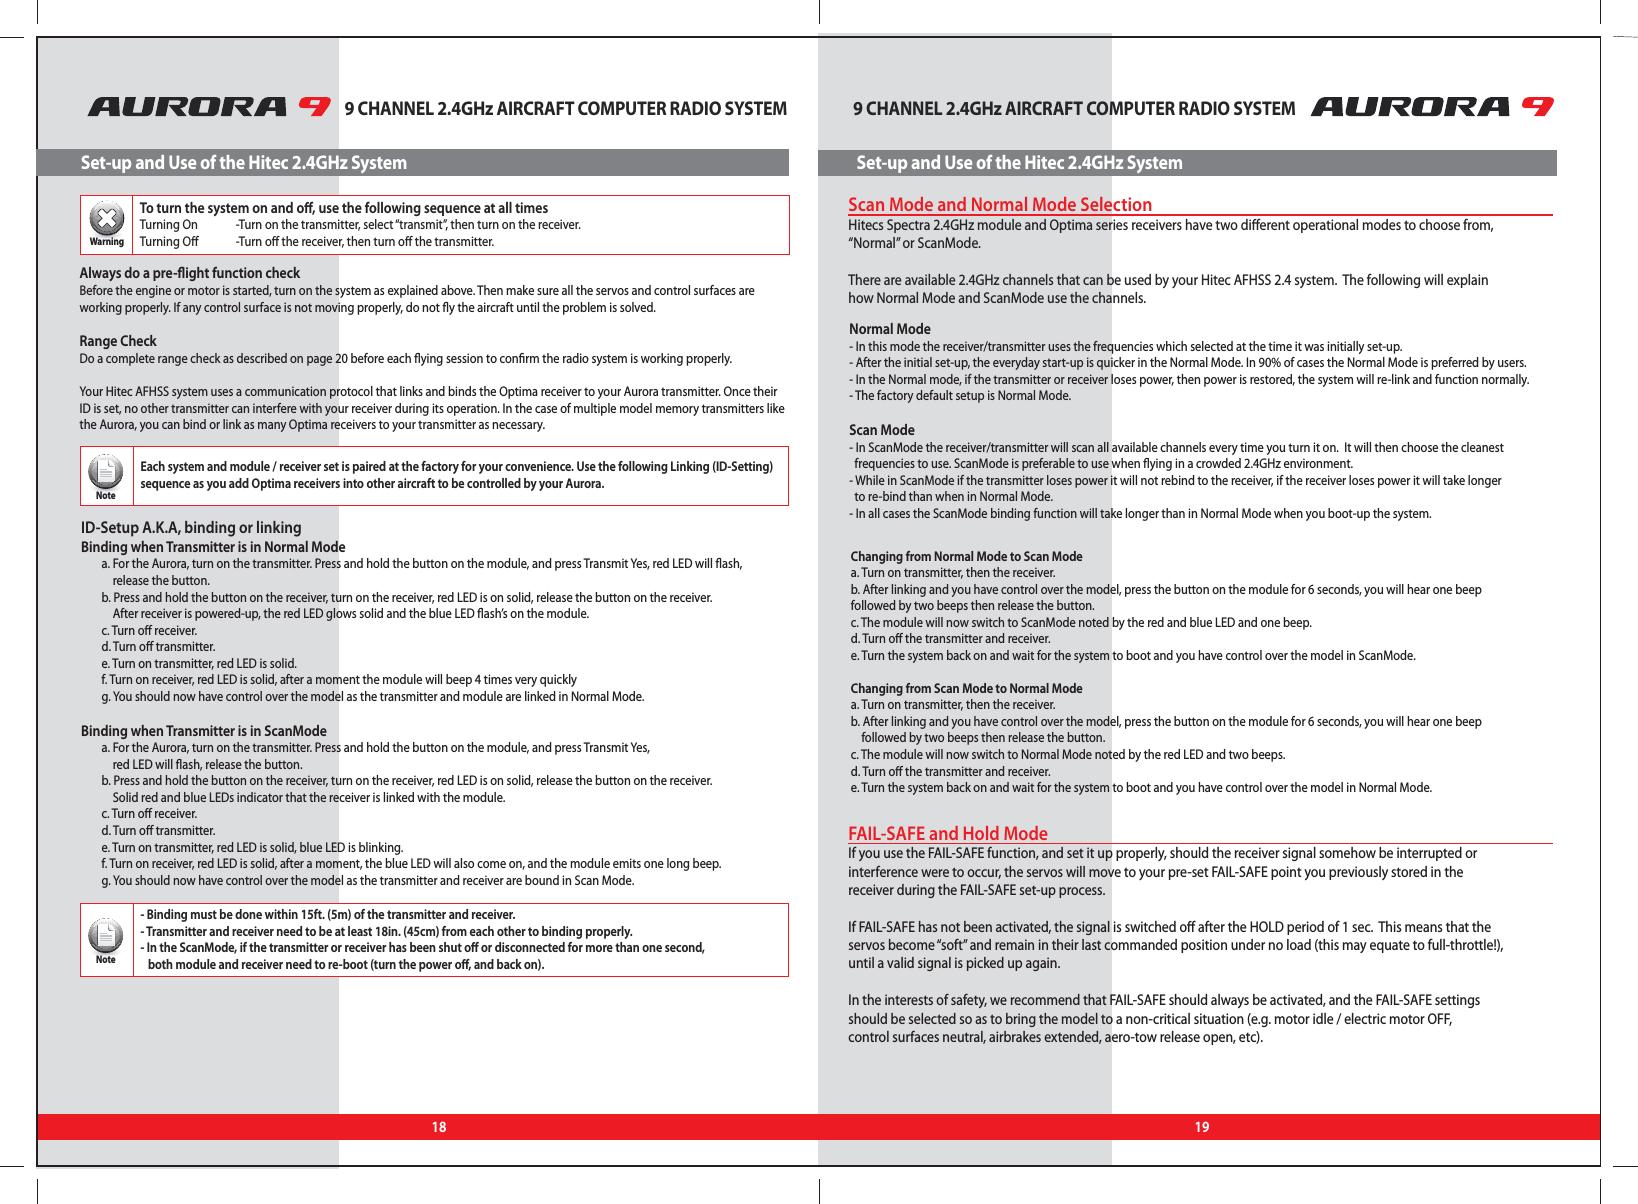 Aurora 9 Manual__090921 Manual